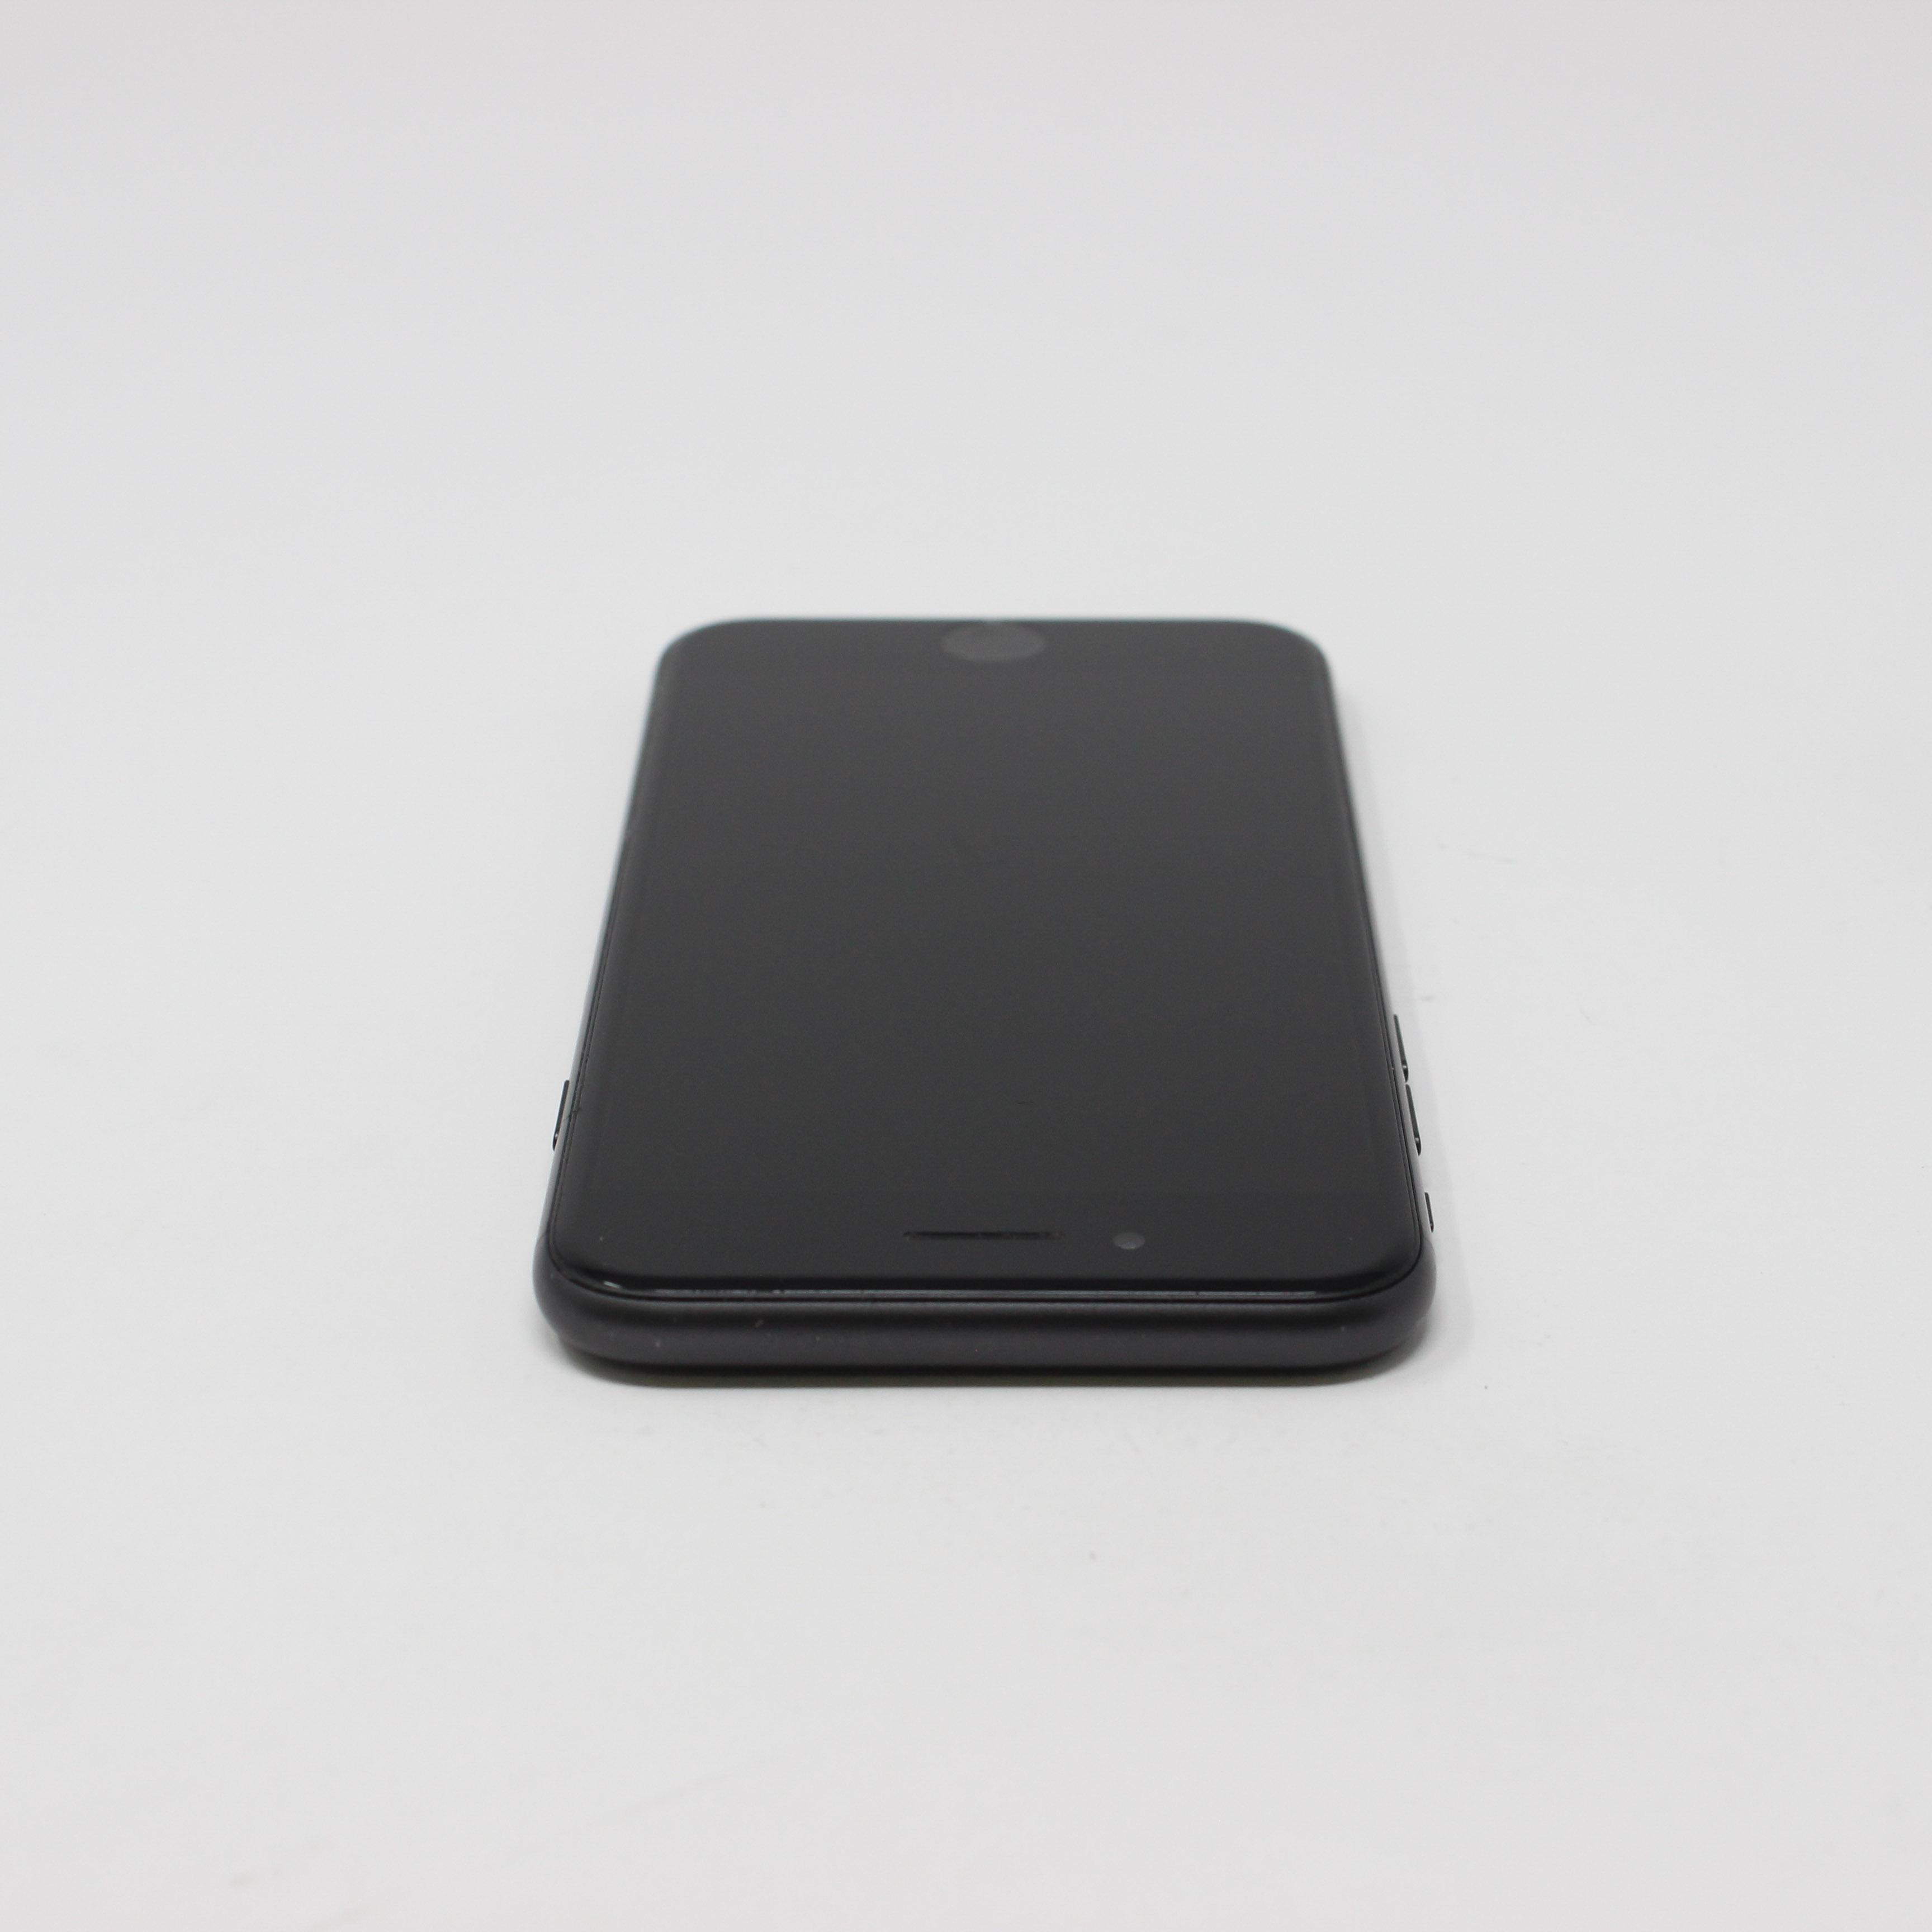 iPhone 8 64GB Space Gray - AT&T photo 4   UpTradeit.com